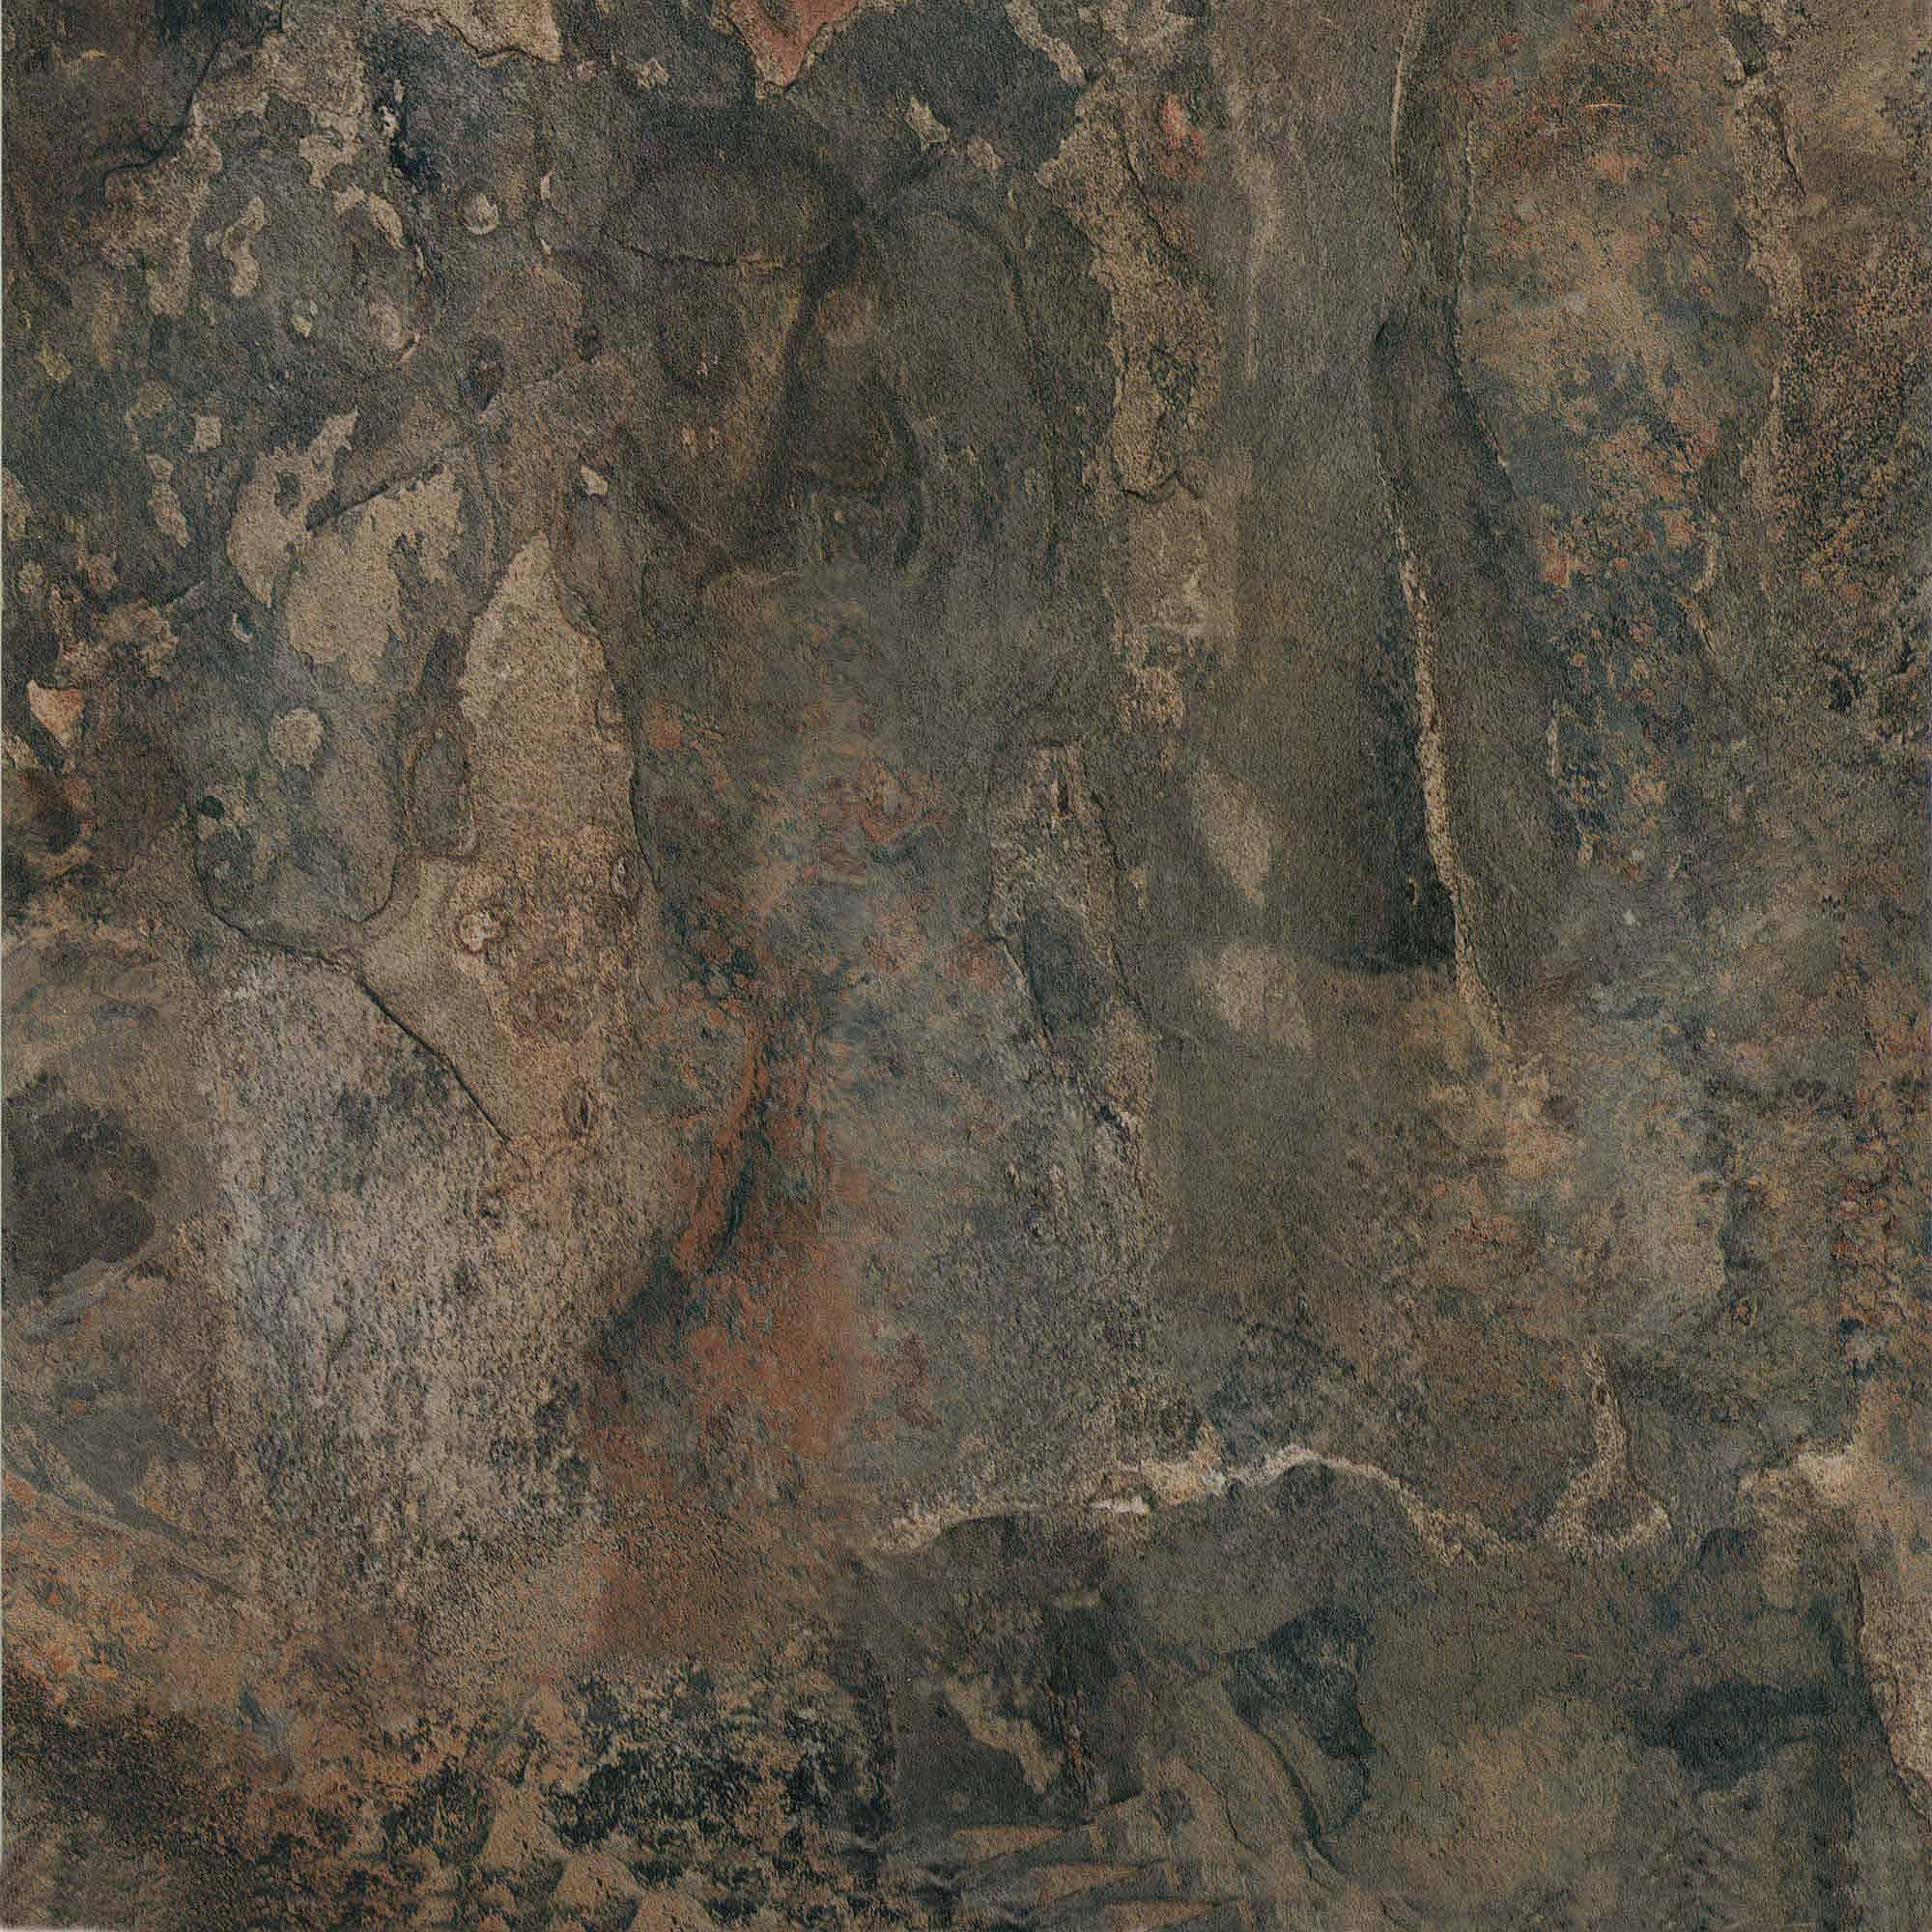 nexus dark slate marble 12x12 self adhesive vinyl floor tile - 20